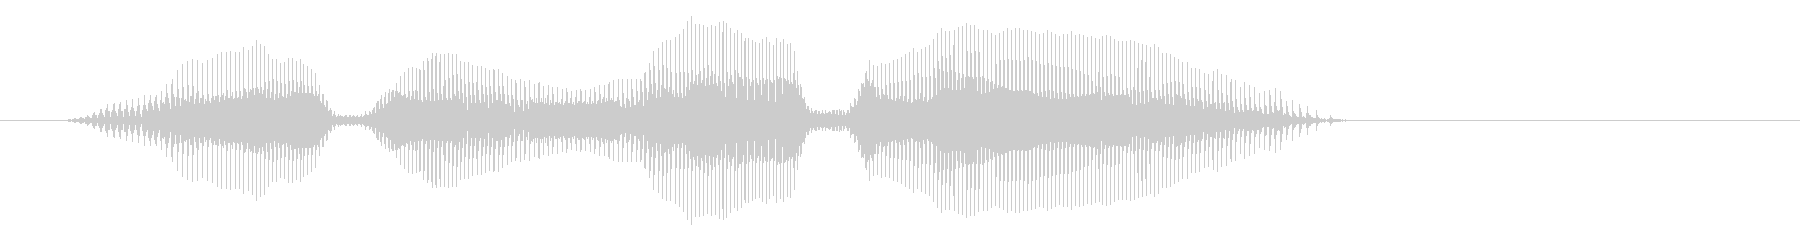 ヤダヤダーの未再生の波形